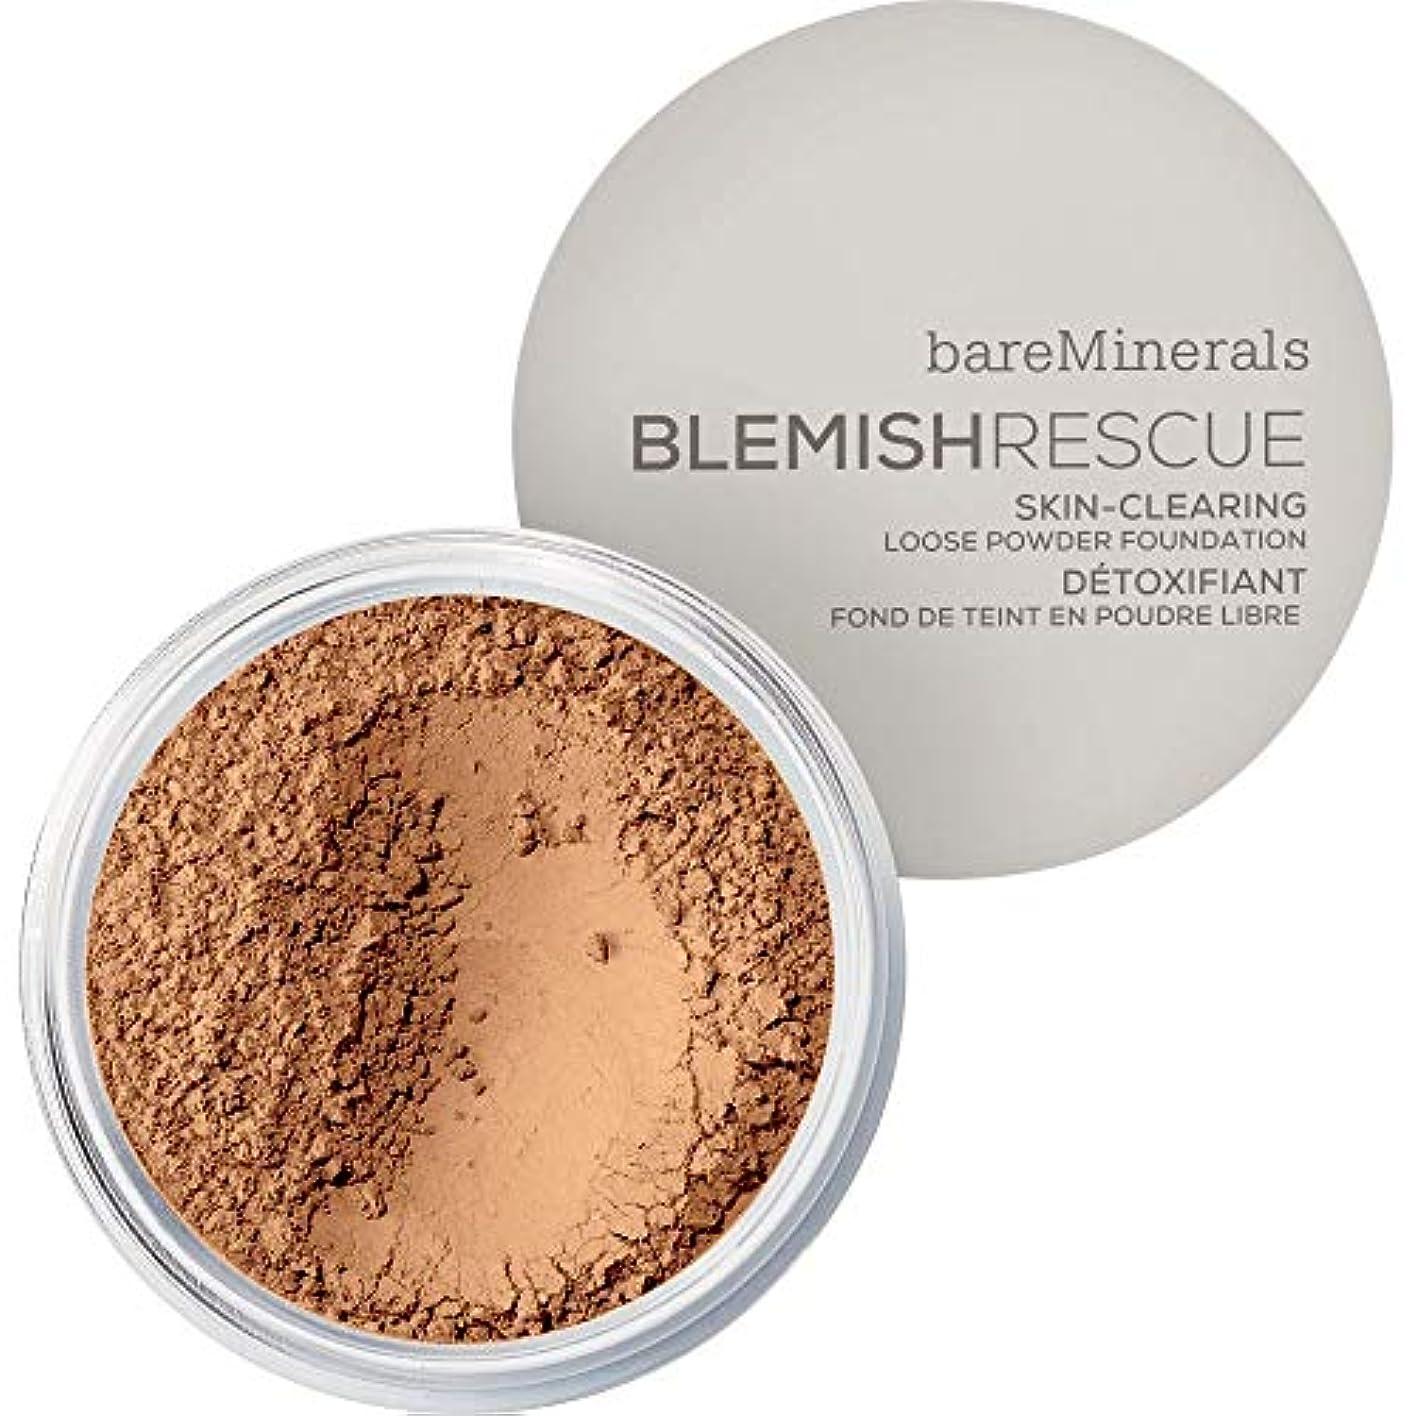 コンテンツ心臓くつろぐ[bareMinerals ] ベアミネラル傷レスキュースキンクリア緩いパウダーファンデーションの6グラムの4N - 中立たん - bareMinerals Blemish Rescue Skin-Clearing Loose...